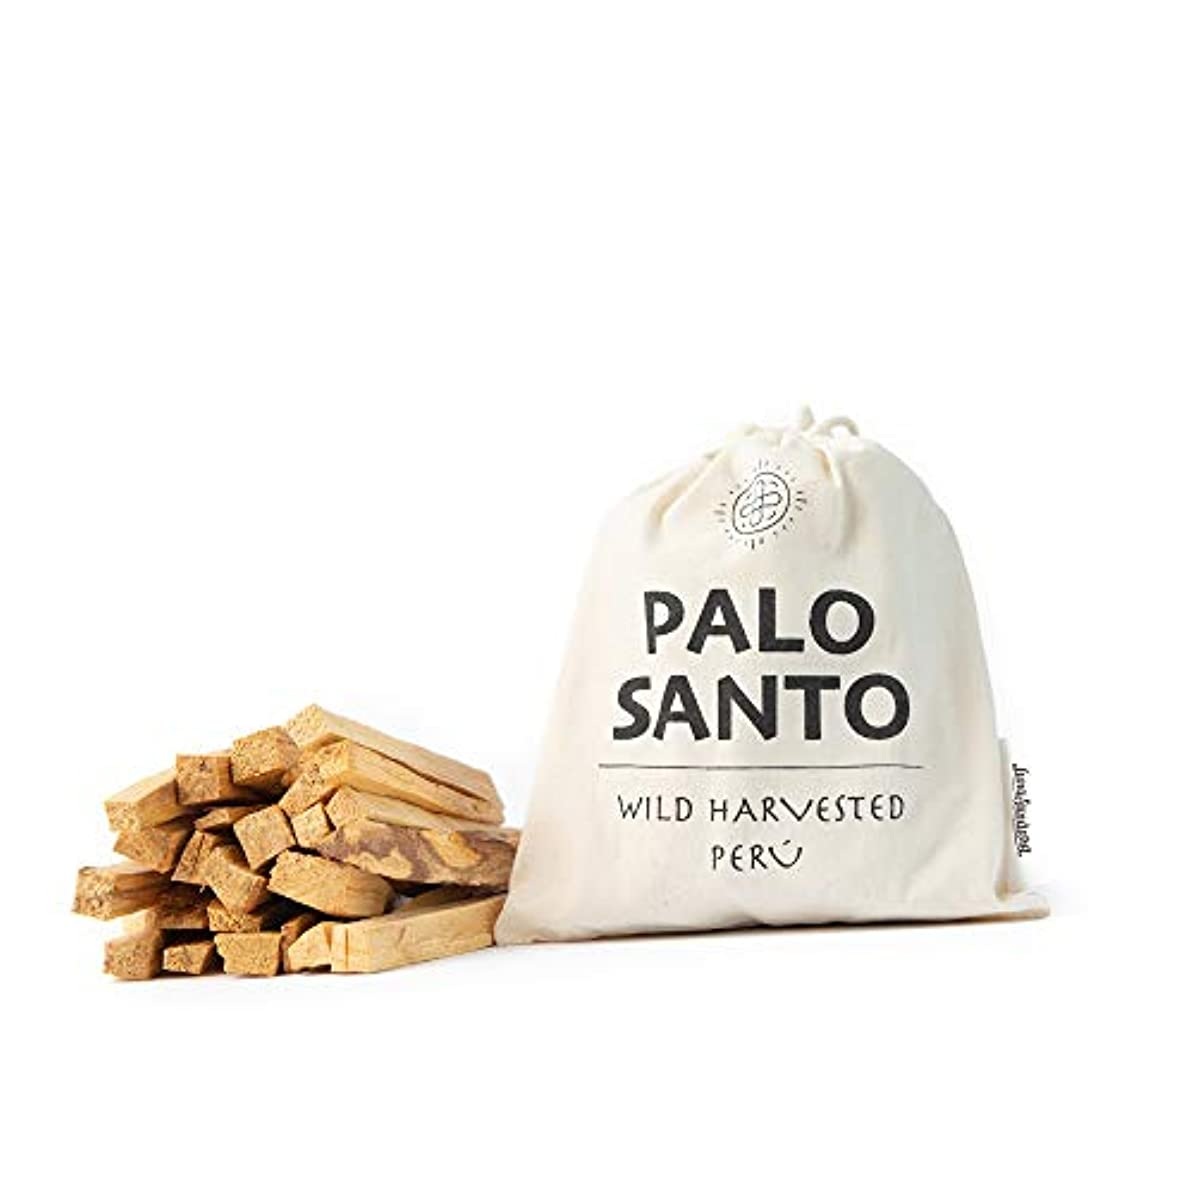 ディスカウント素晴らしさ復活させるLuna Sundara Palo Santo Smudging Sticks Peru Sustainably Harvested Quality Hand Picked - 100グラム(約18-25スティック)